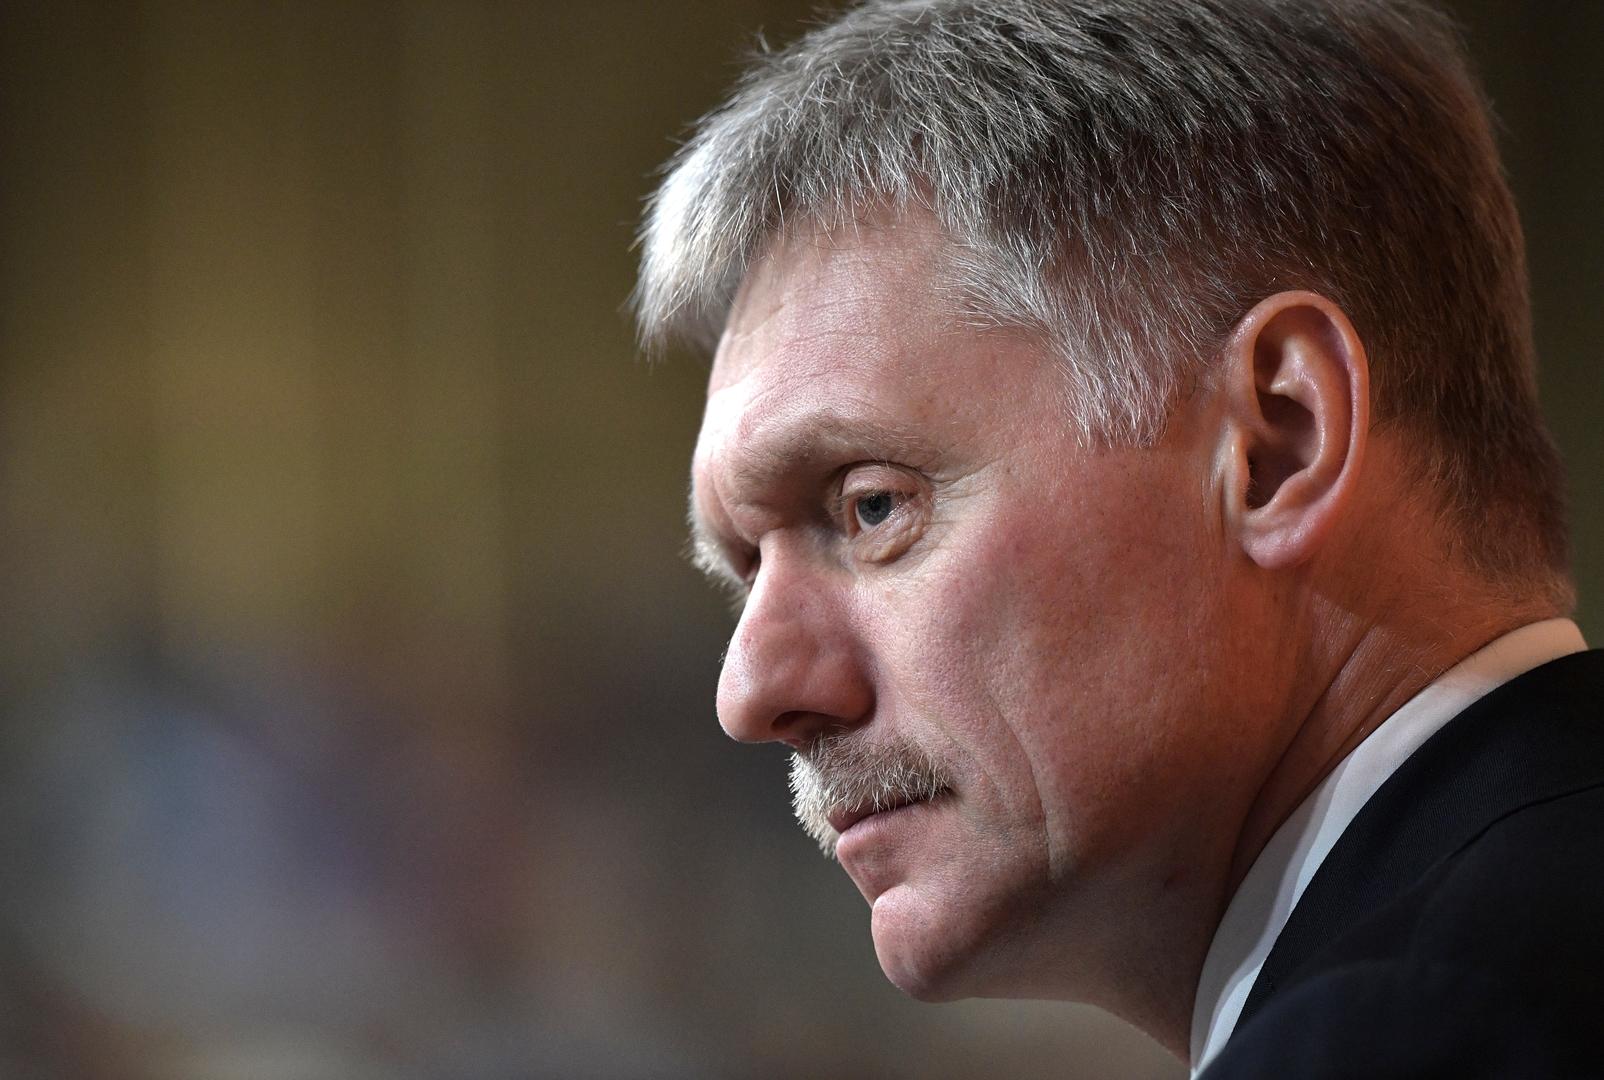 بيسكوف: لا توجد قرارات بشأن تغيير التركيبة الحكومية حتى الآن